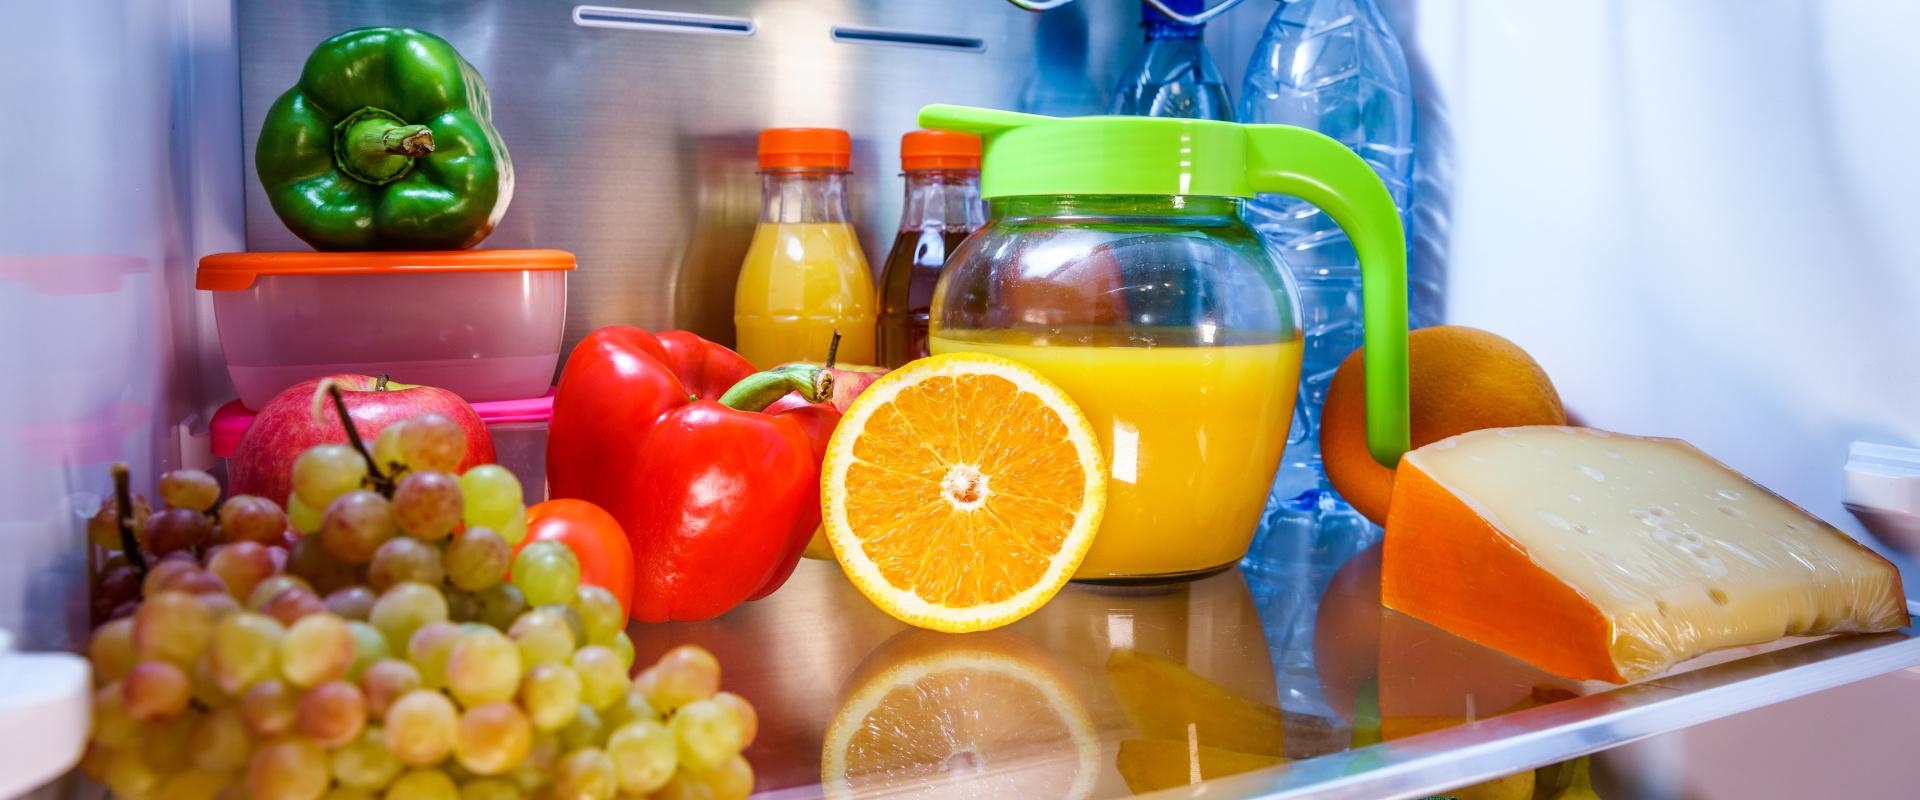 narancslé a frigóban cover